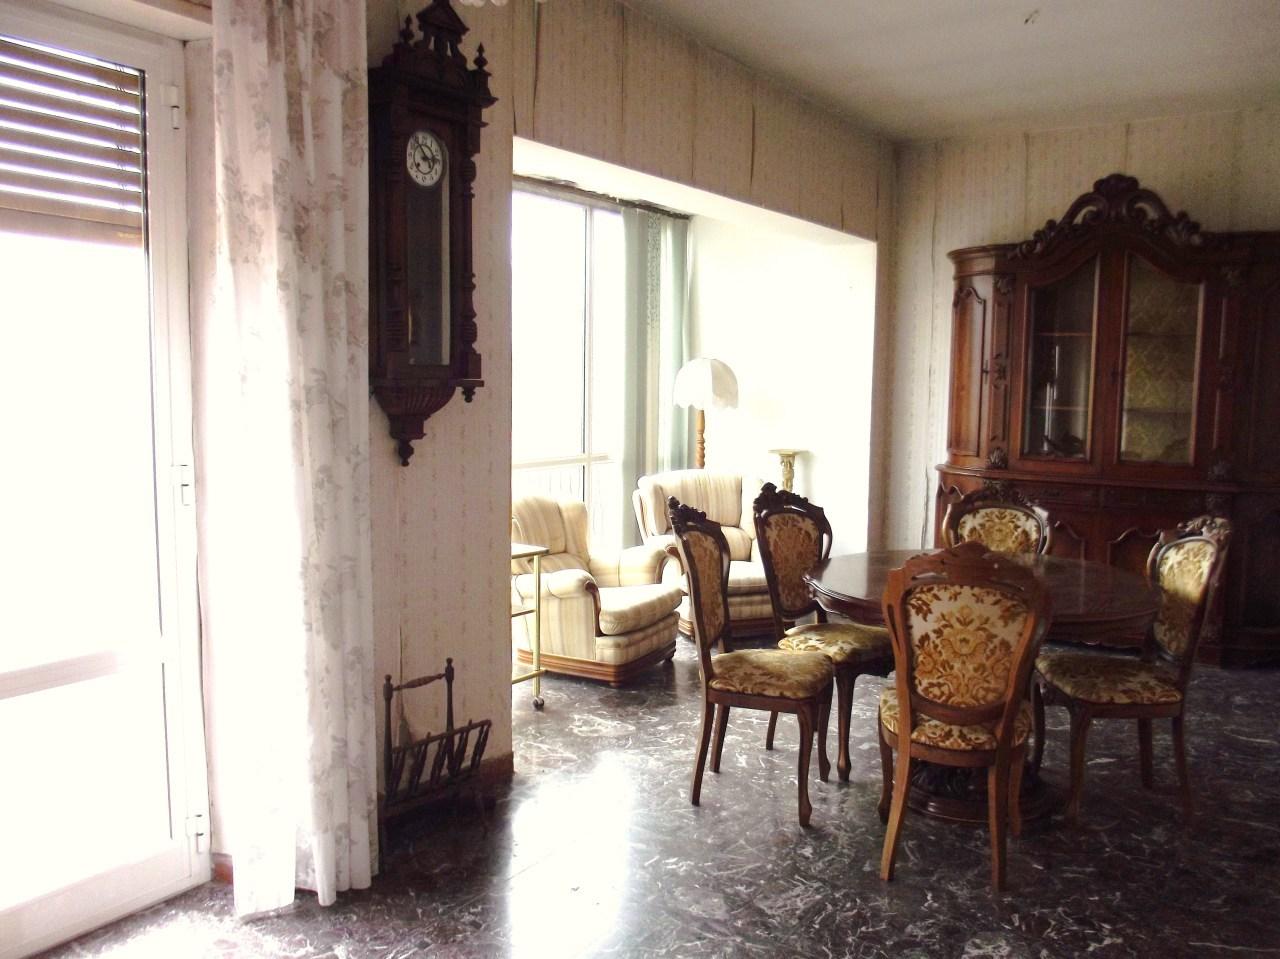 Attico / Mansarda in vendita a San Benedetto del Tronto, 3 locali, prezzo € 185.000 | Cambio Casa.it